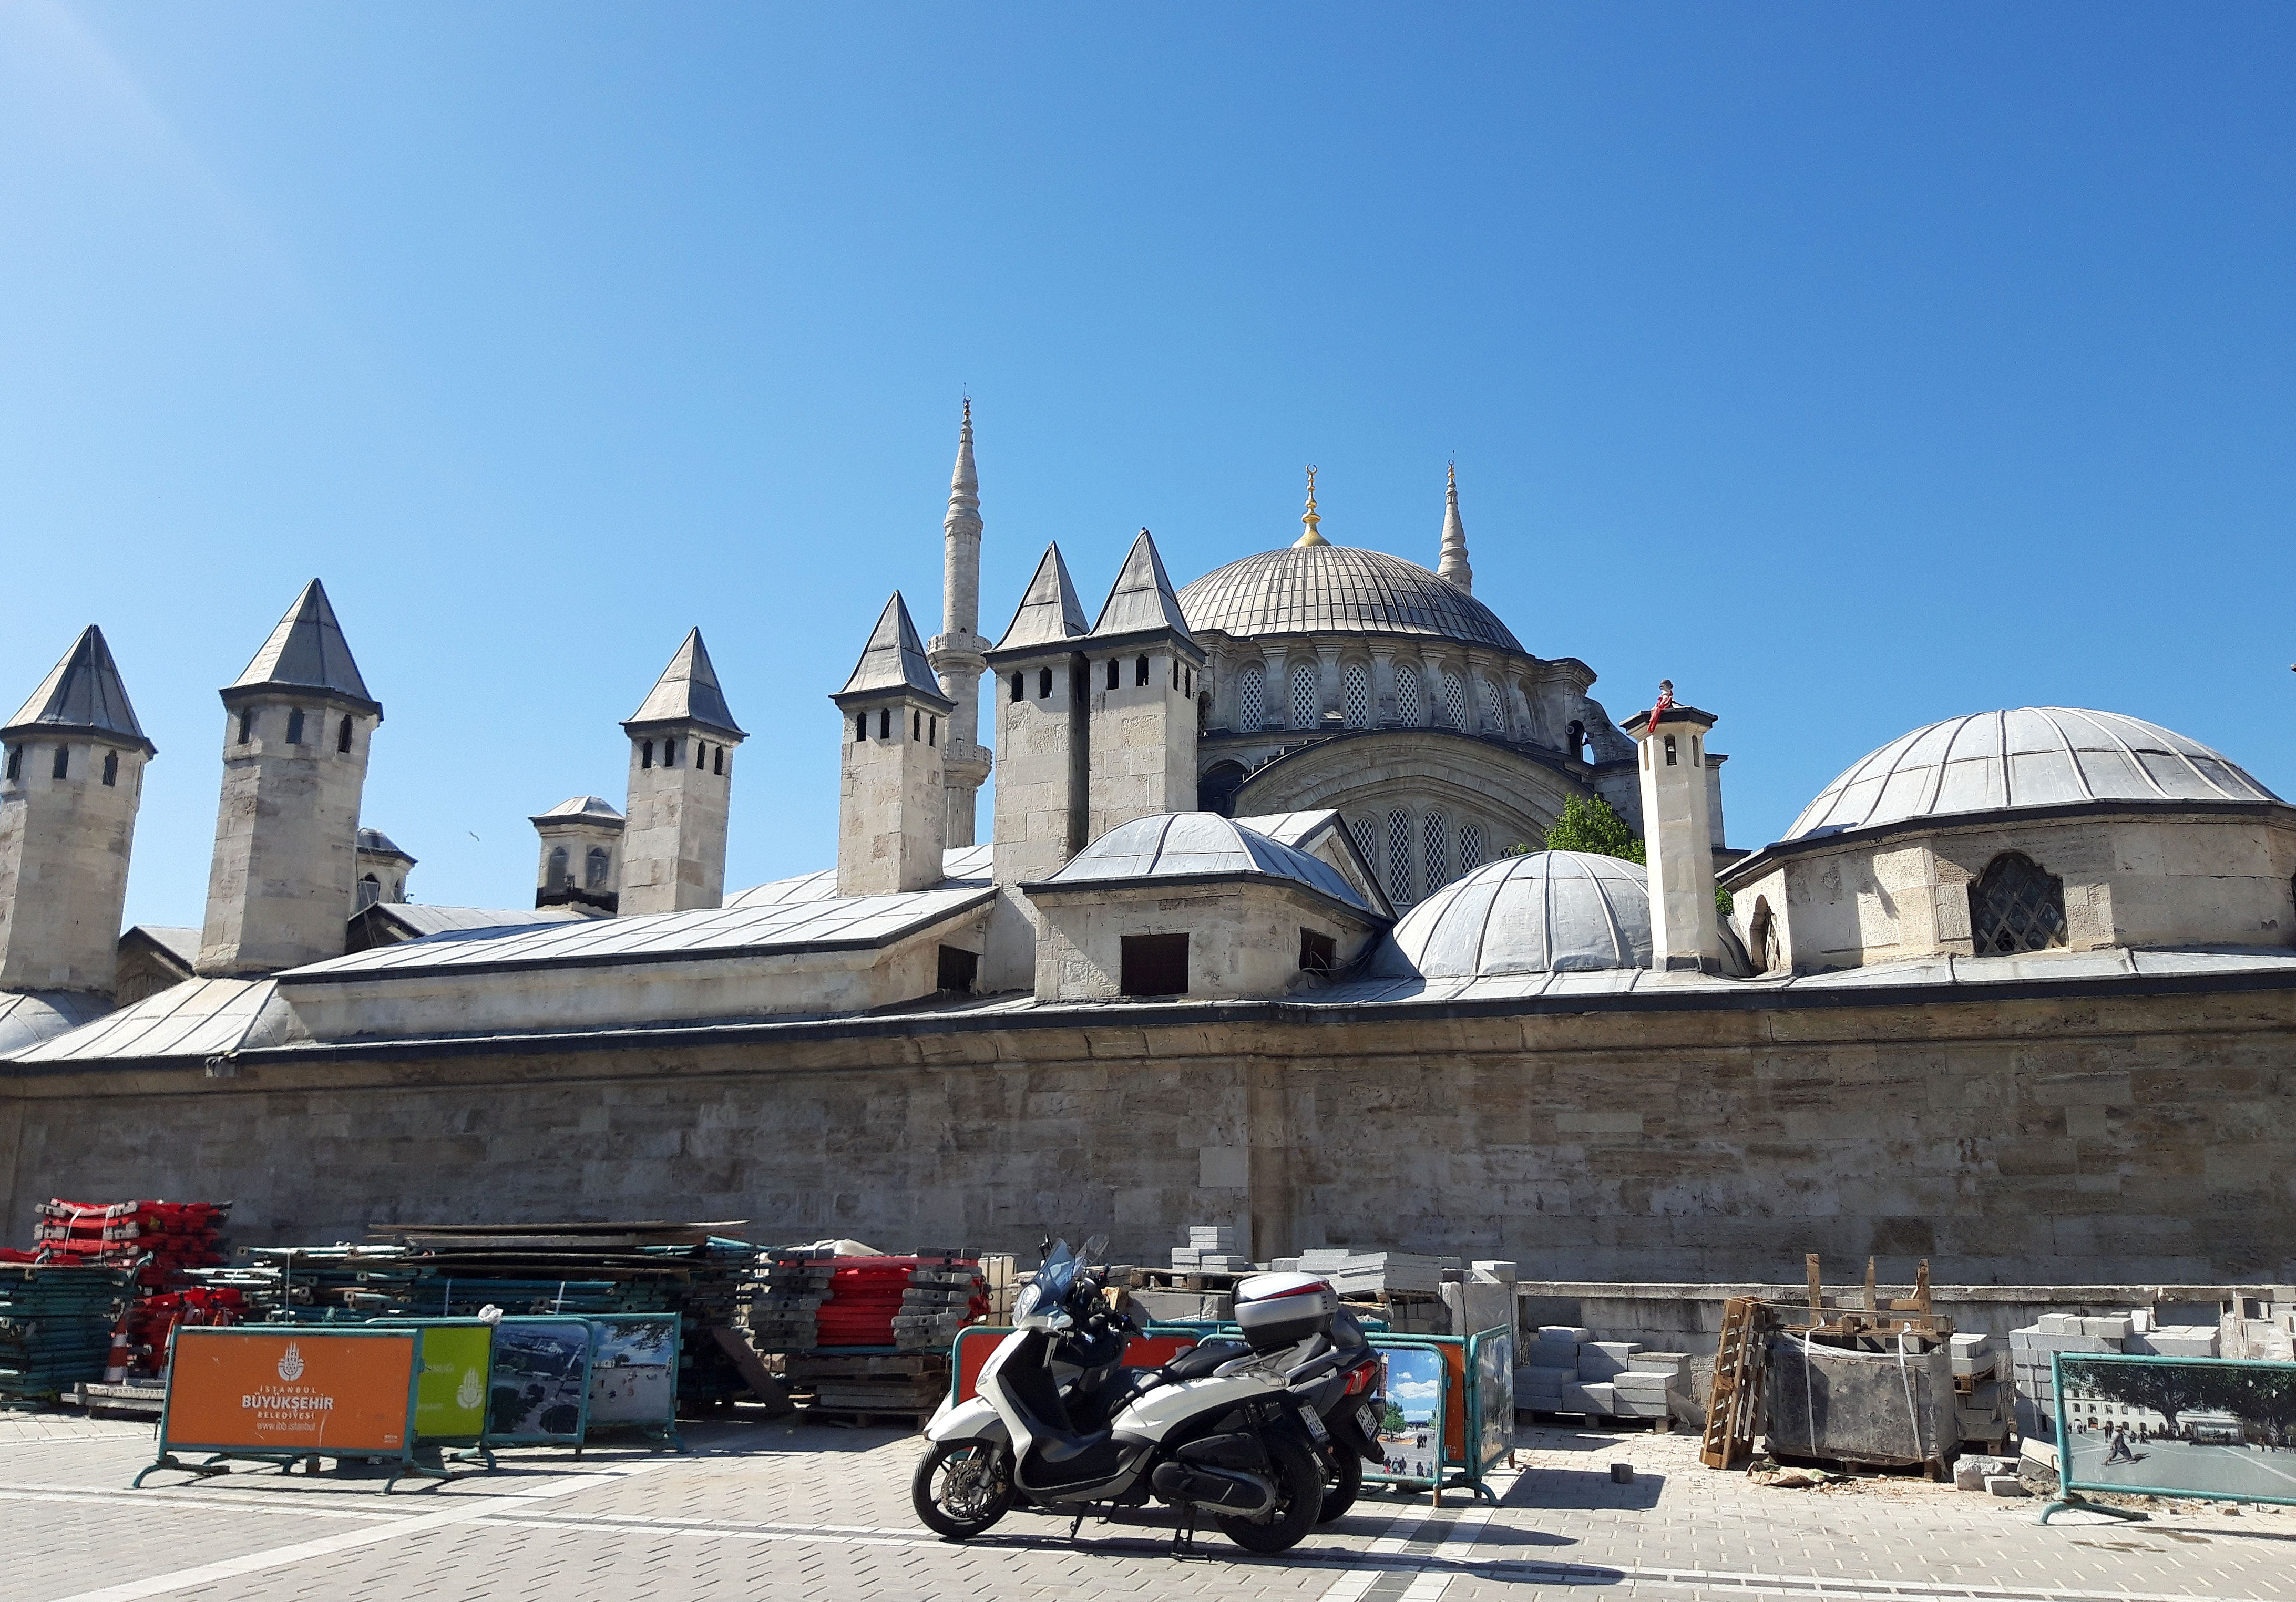 Besplatna web stranica za upoznavanje u Turskoj